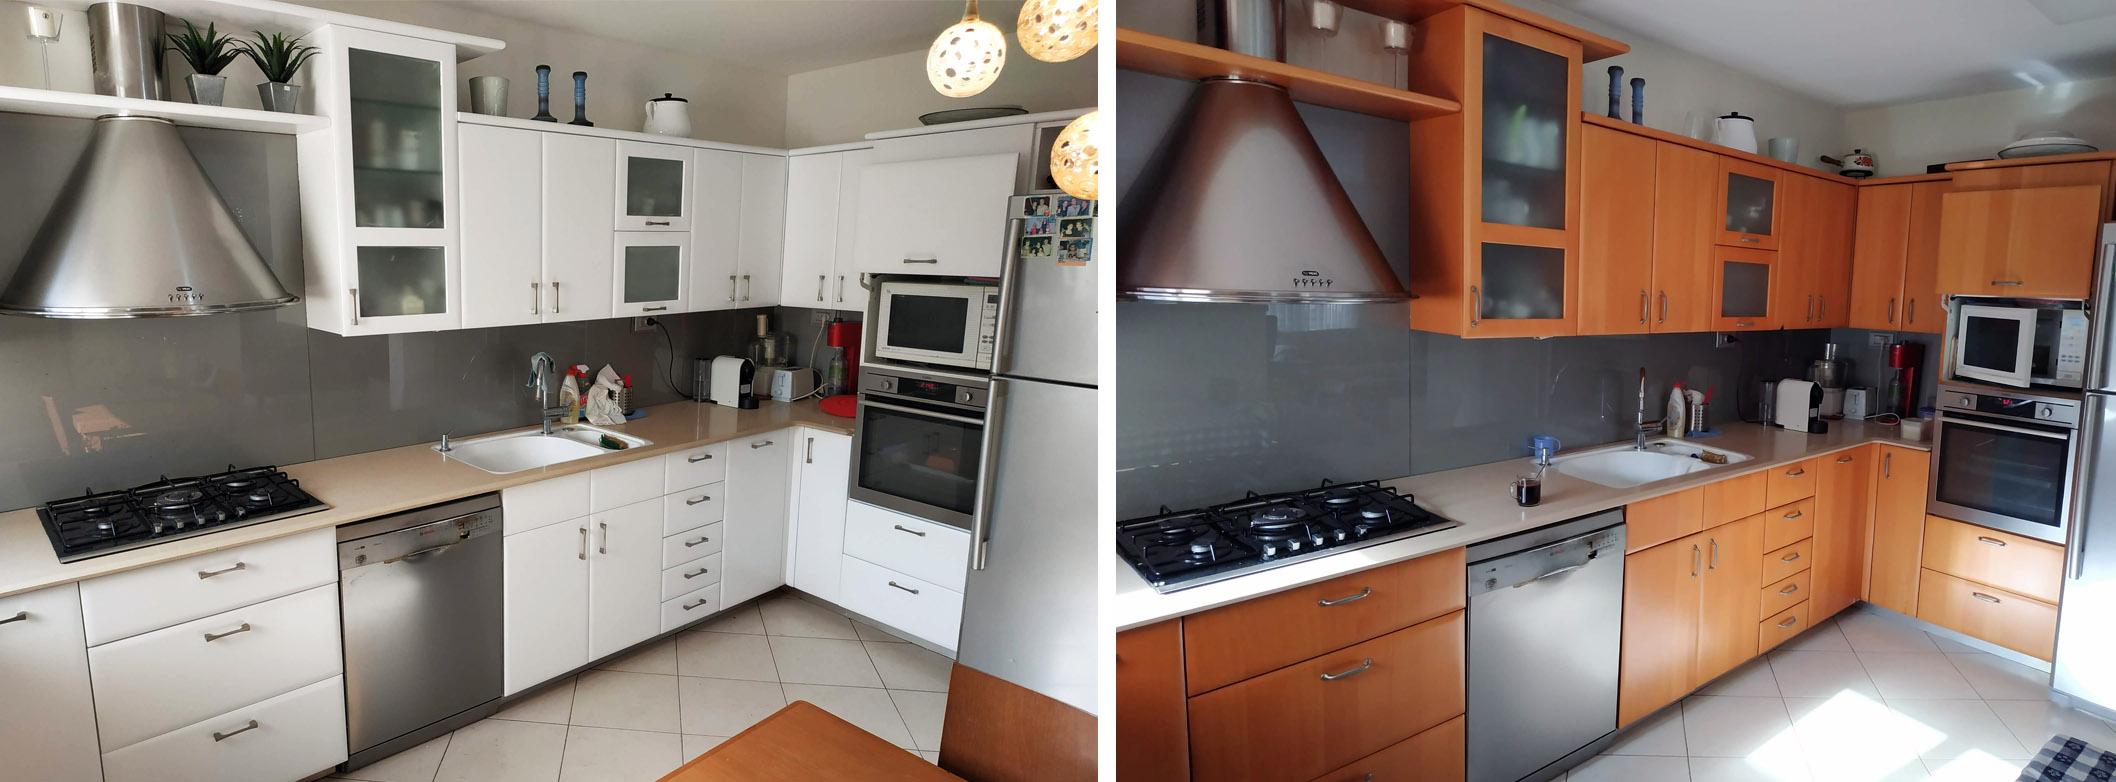 מעצבע חידוש מטבח בלהה לפני ואחרי